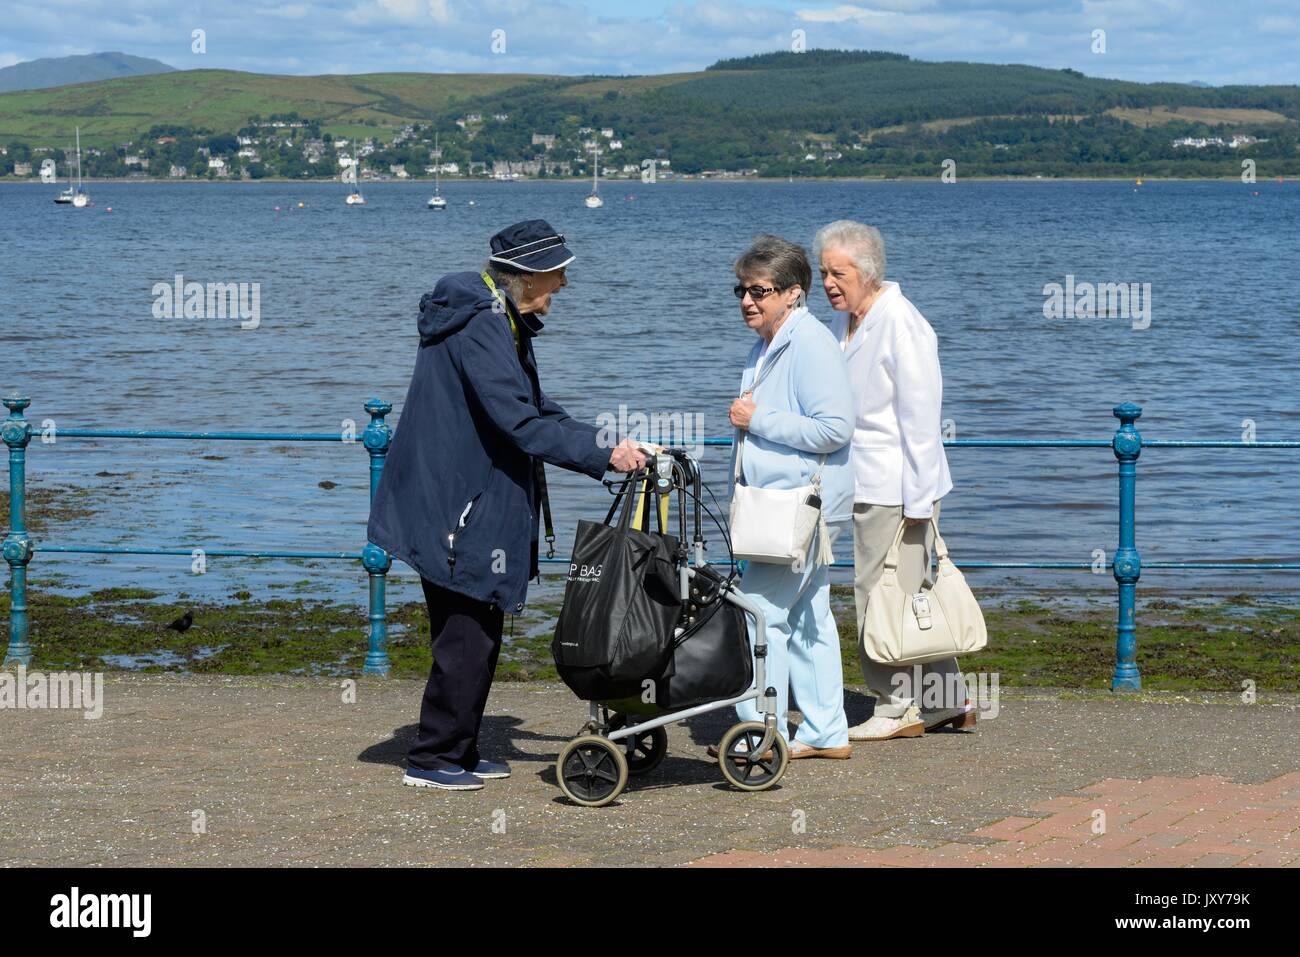 Trois retraités rencontrez en marchant sur la promenade au bord de la baie de Cardwell, Gourock, Ecosse, Royaume-Uni Photo Stock